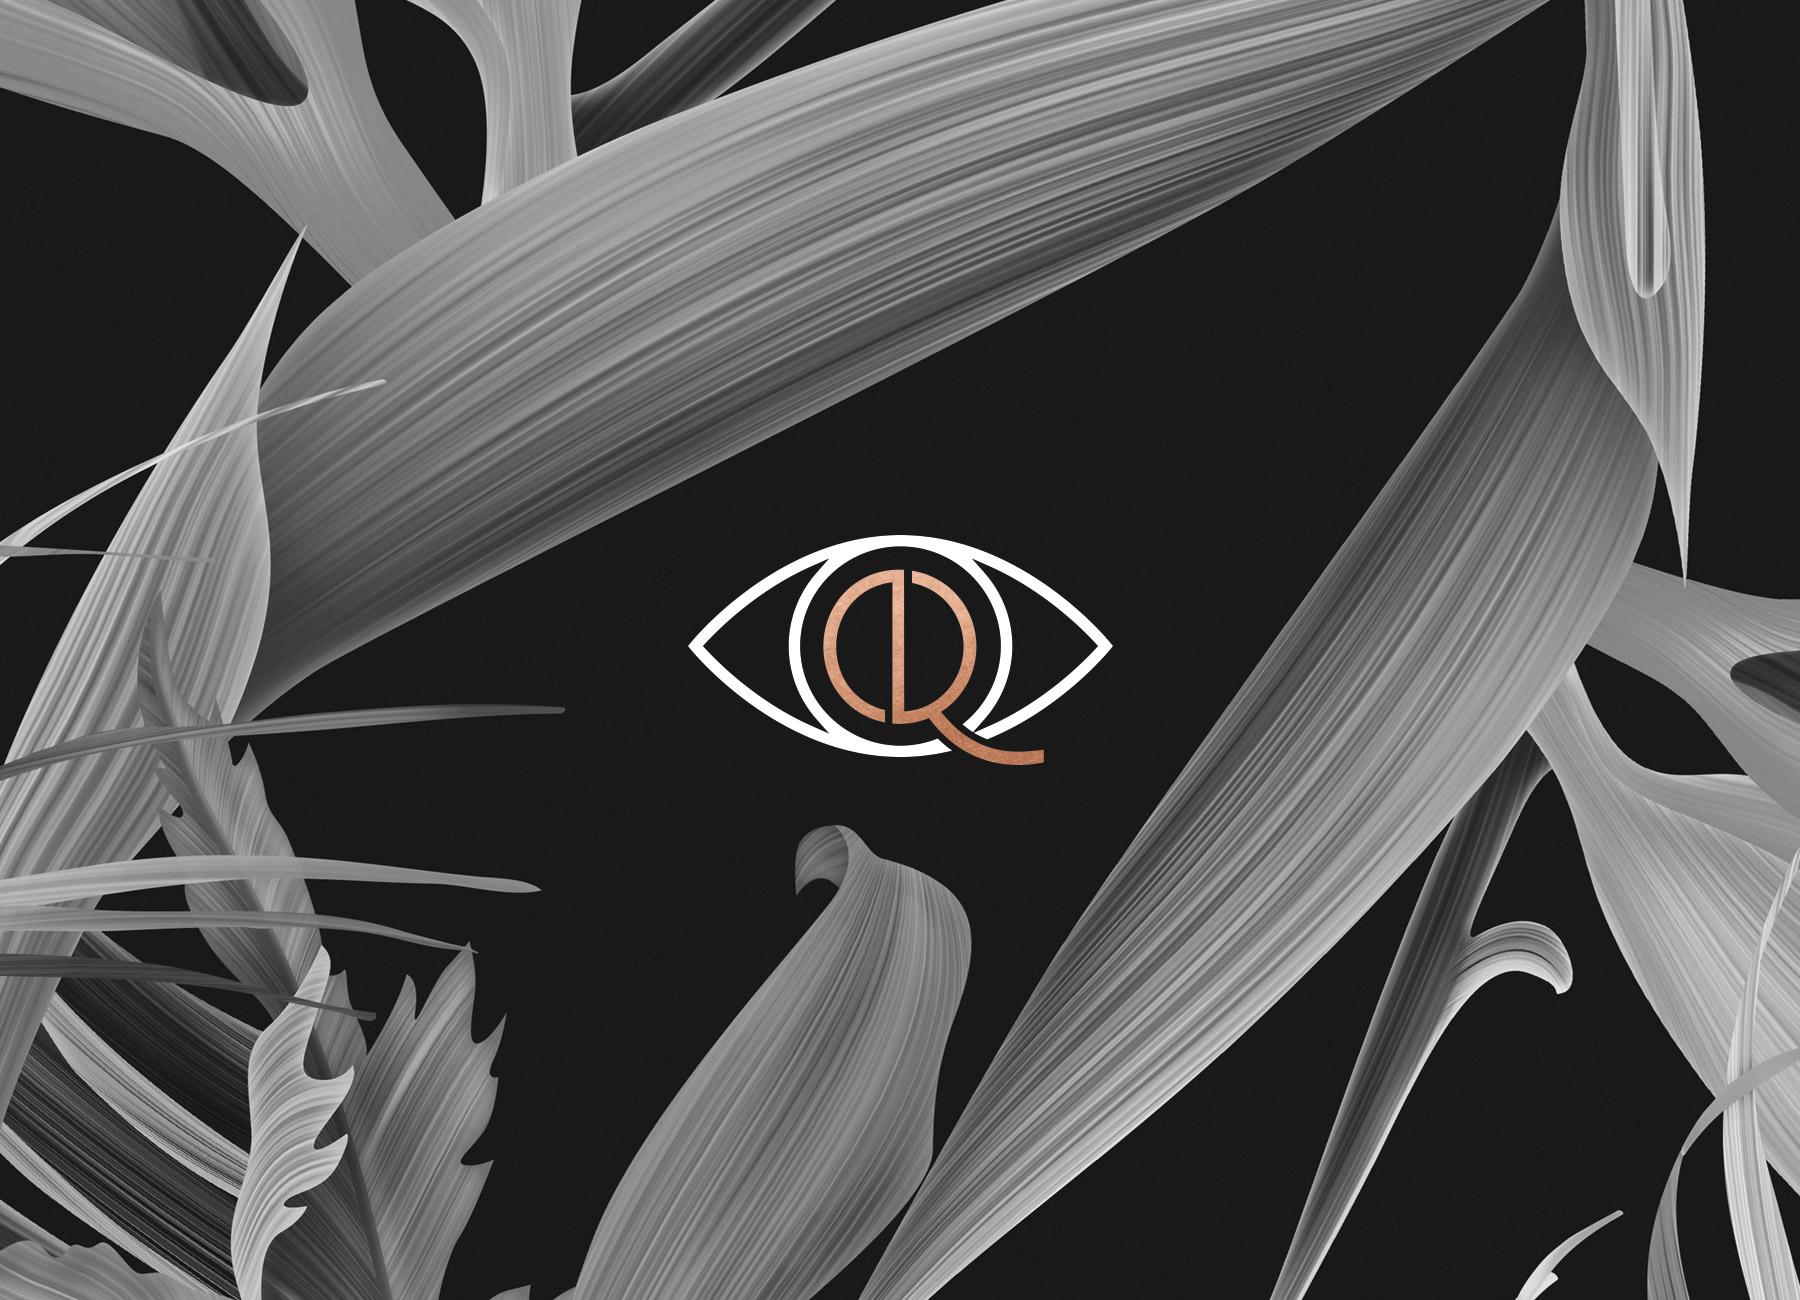 WE ARE BRANCH | DESIGN QUIXOTIC